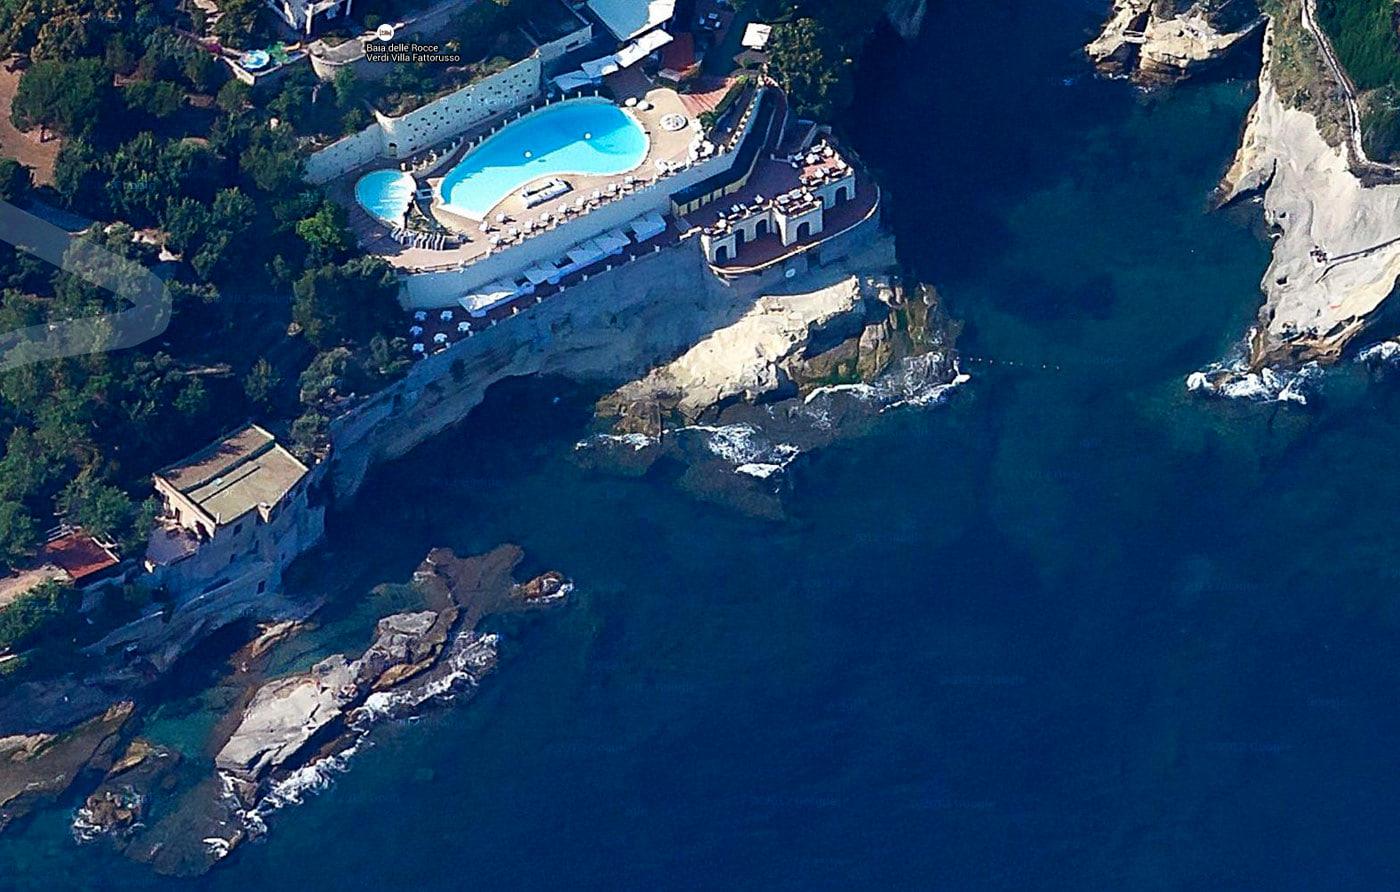 Piscina A Torre Del Greco dove trascorrere una giornata in piscina a napoli